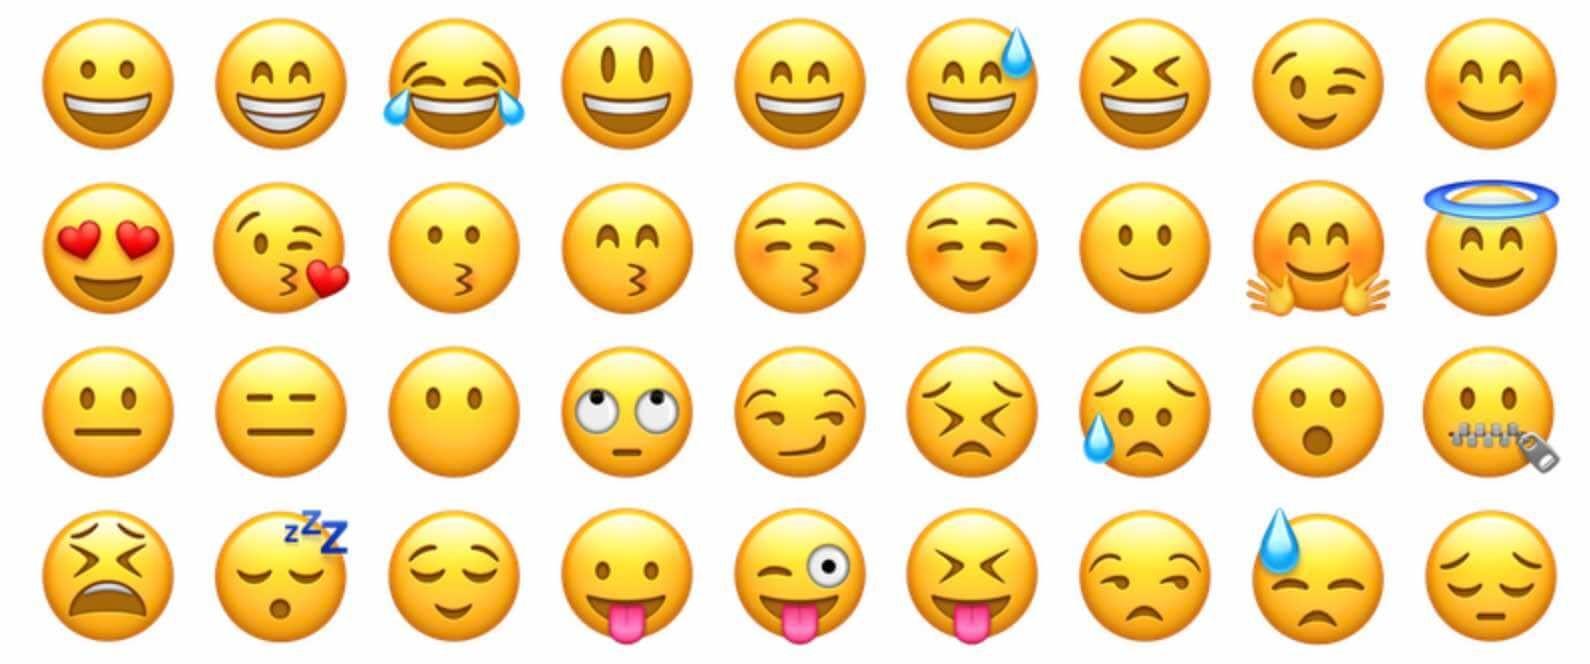 لماذا الرموز التعبيرية لونها أصفر عادة للأسف لا ي وجد إجابة دقيقة على وجه التحديد تشرح السبب عن اختيار اللون الأصفر بالتحديد Dare Messages Dare Games Emoji